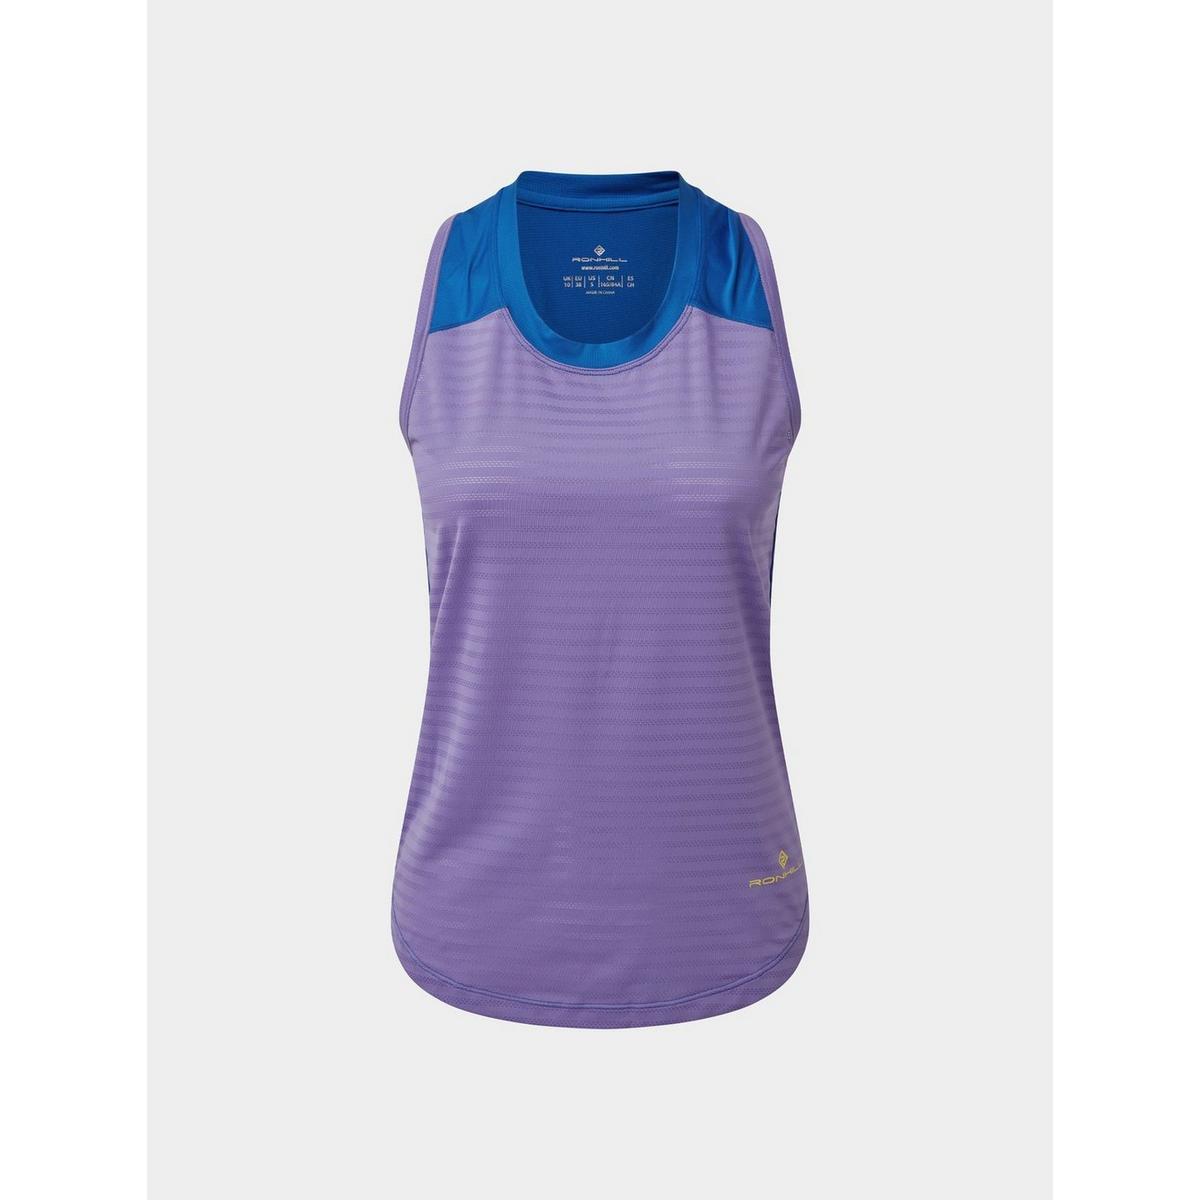 Ron Hill Women's Life Agile Vest - Lilac